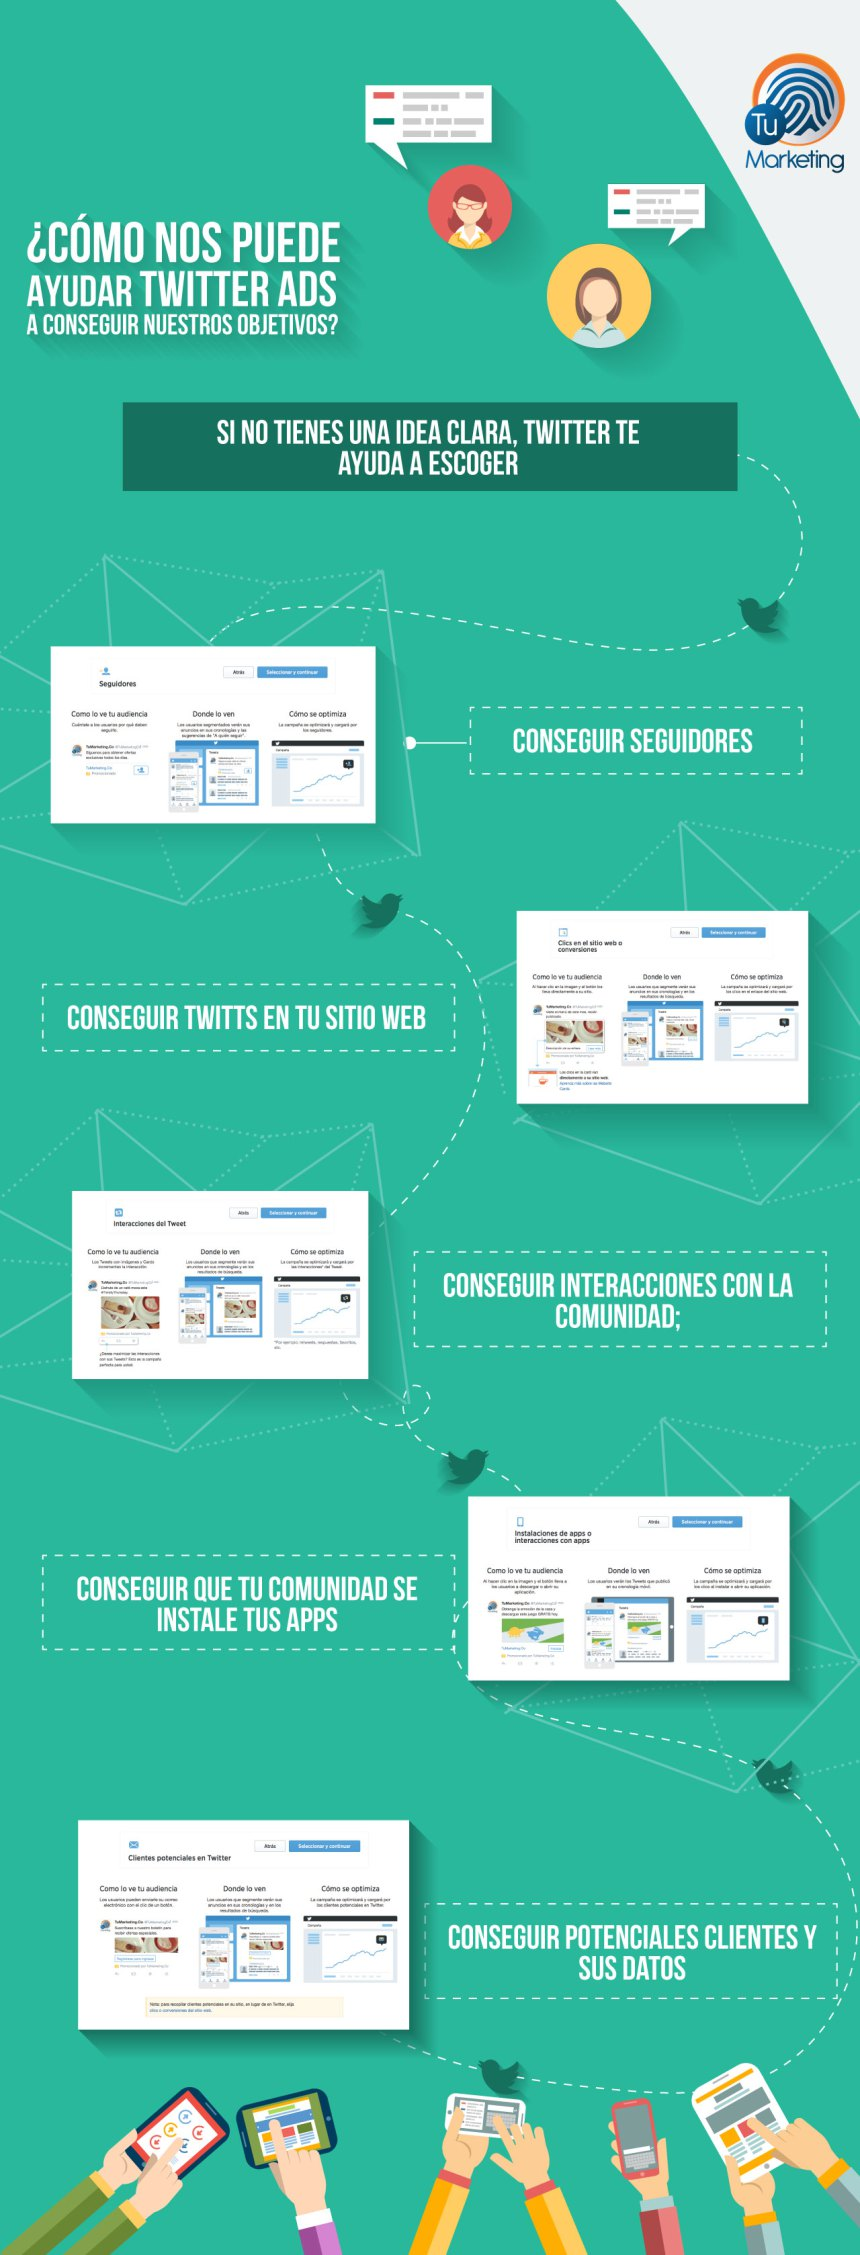 ¿Cómo nos puede ayudar twitter ads ?